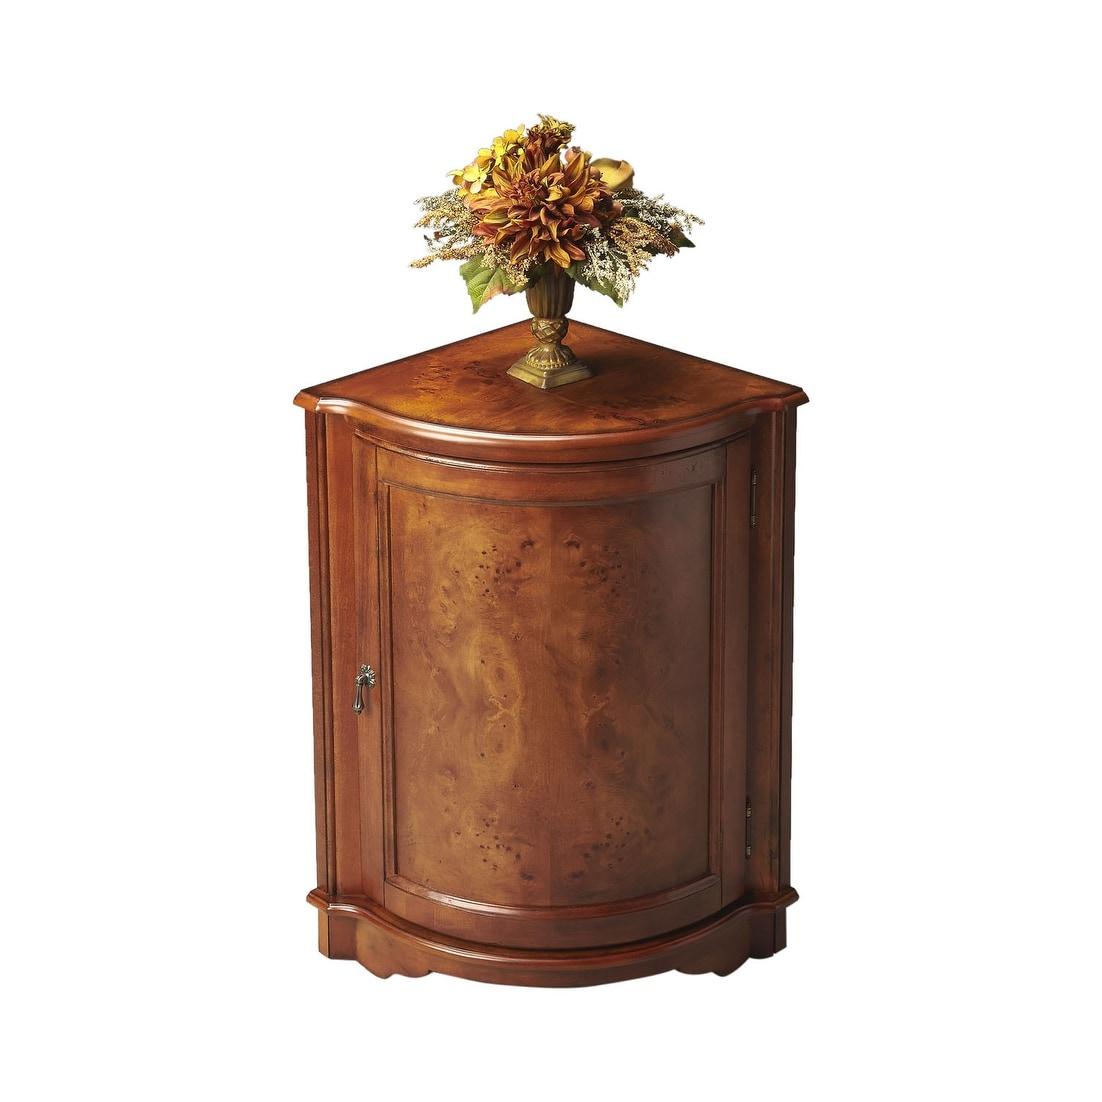 Quarter Round Wooden Corner Cabinet